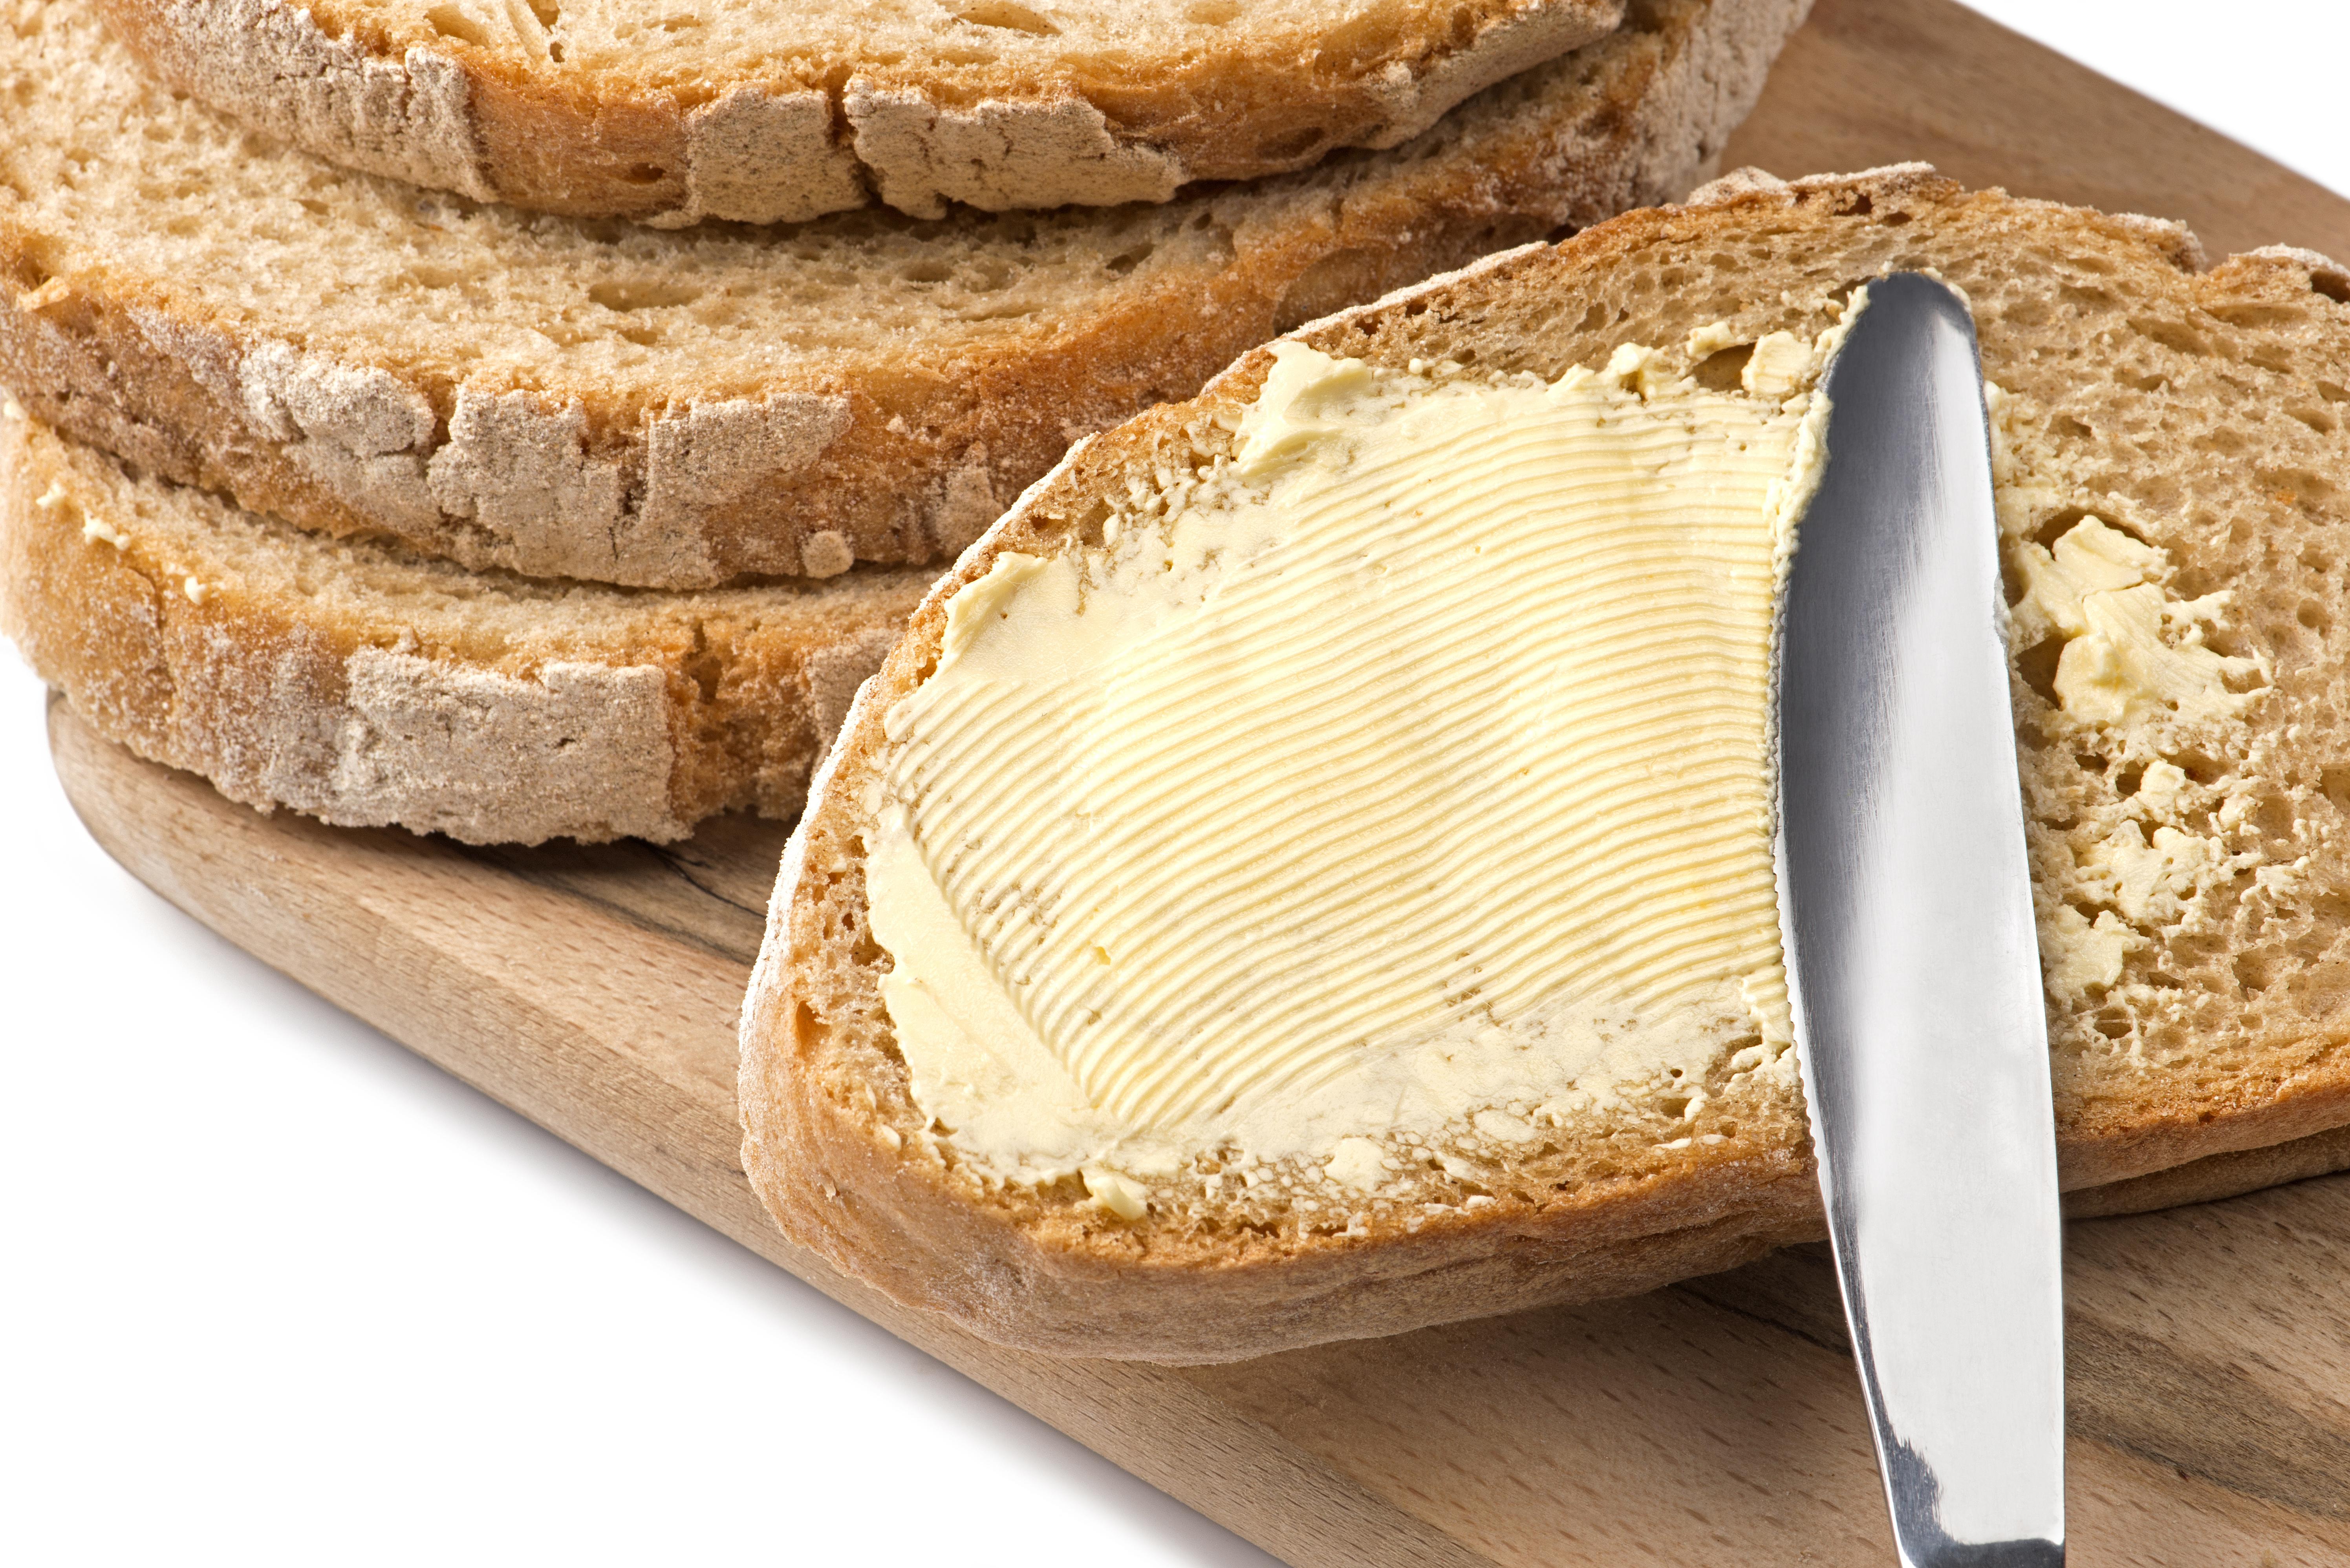 <p><strong>Тост, намазан с маргарин</strong><br /> Това може да изглежда добър избор за закуска, тъй като не съдържа наситени мазнини или захар. Тъй като обаче брашното в повечето хлябове е рафинирано, то ни осигурява малко хранителни вещества и малко фибри.<br /> Повечето маргарини пък съдържат трансмазнини, които са най-нездравословният вид мазнини, които можете да консумирате.</p>